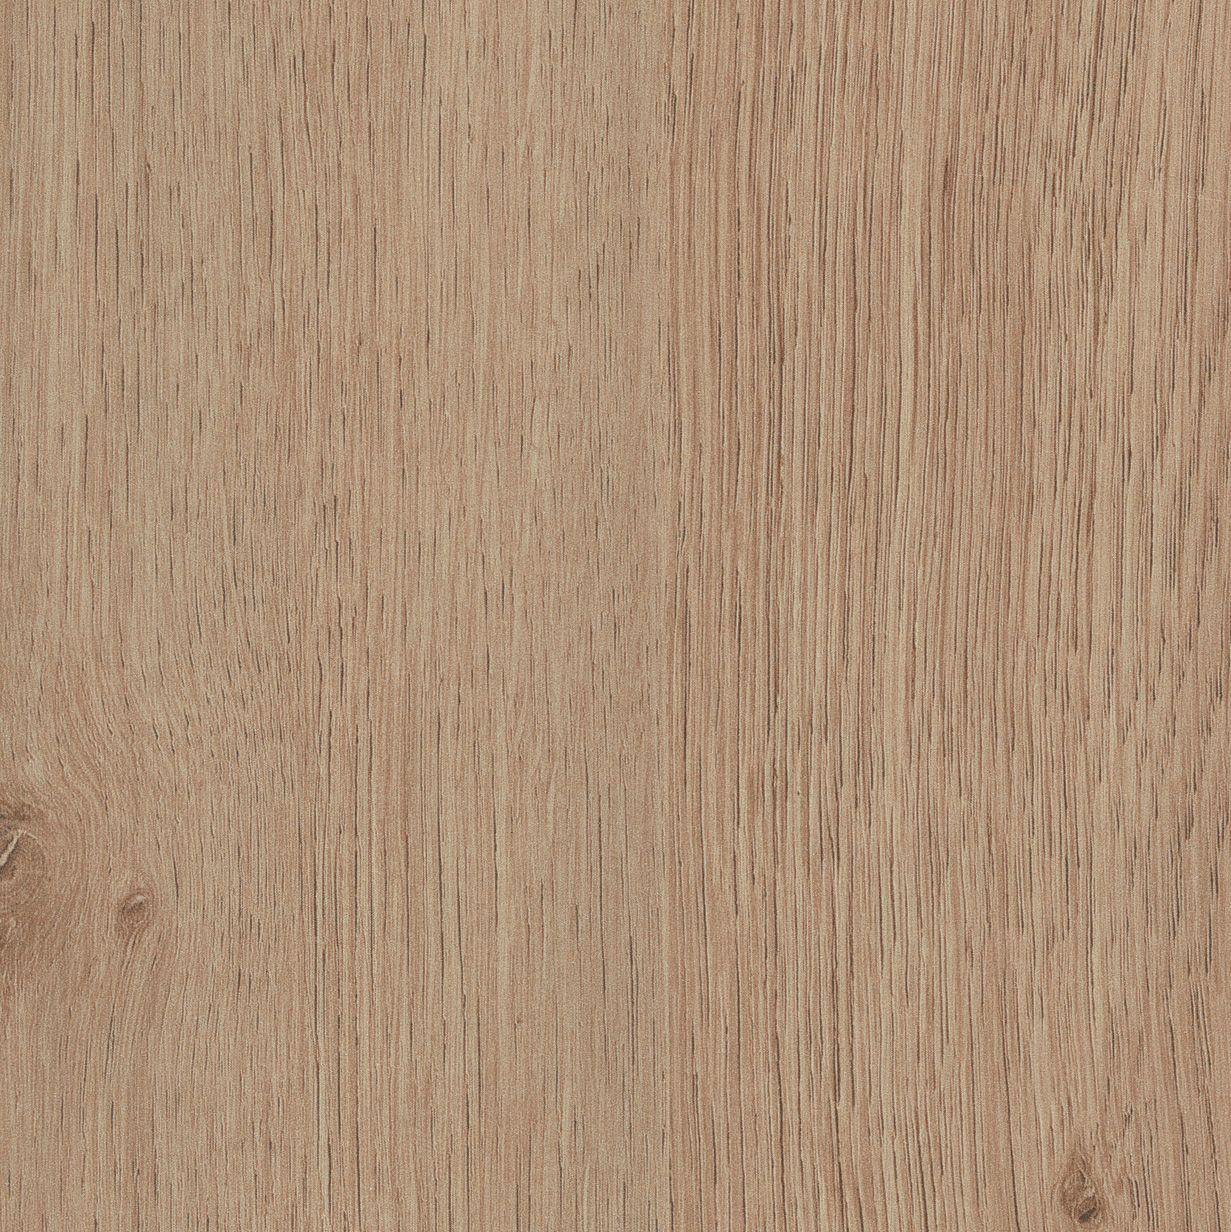 diall furniture panel golden oak l 2440mm w 600mm t. Black Bedroom Furniture Sets. Home Design Ideas